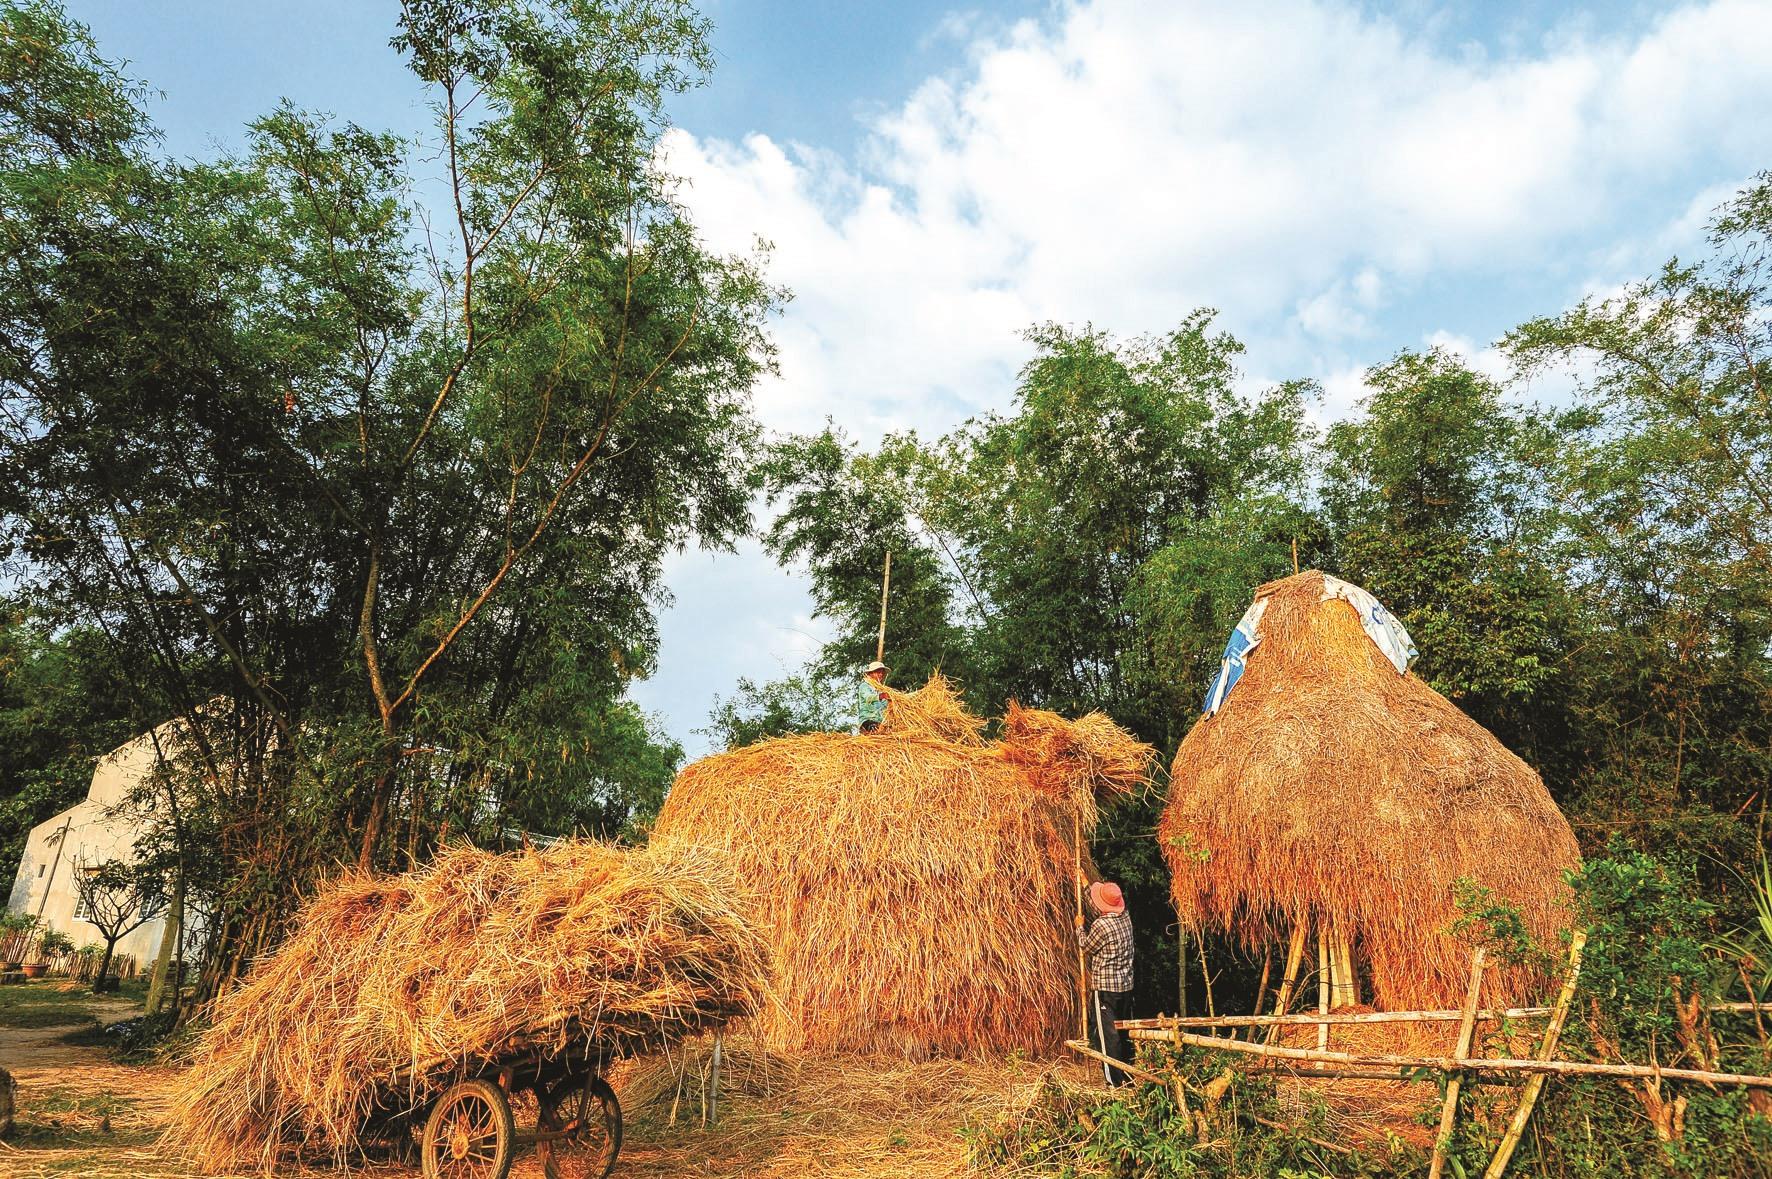 Kết thúc mùa gặt, rơm được chất thành đống để làm thức ăn cho gia súc.